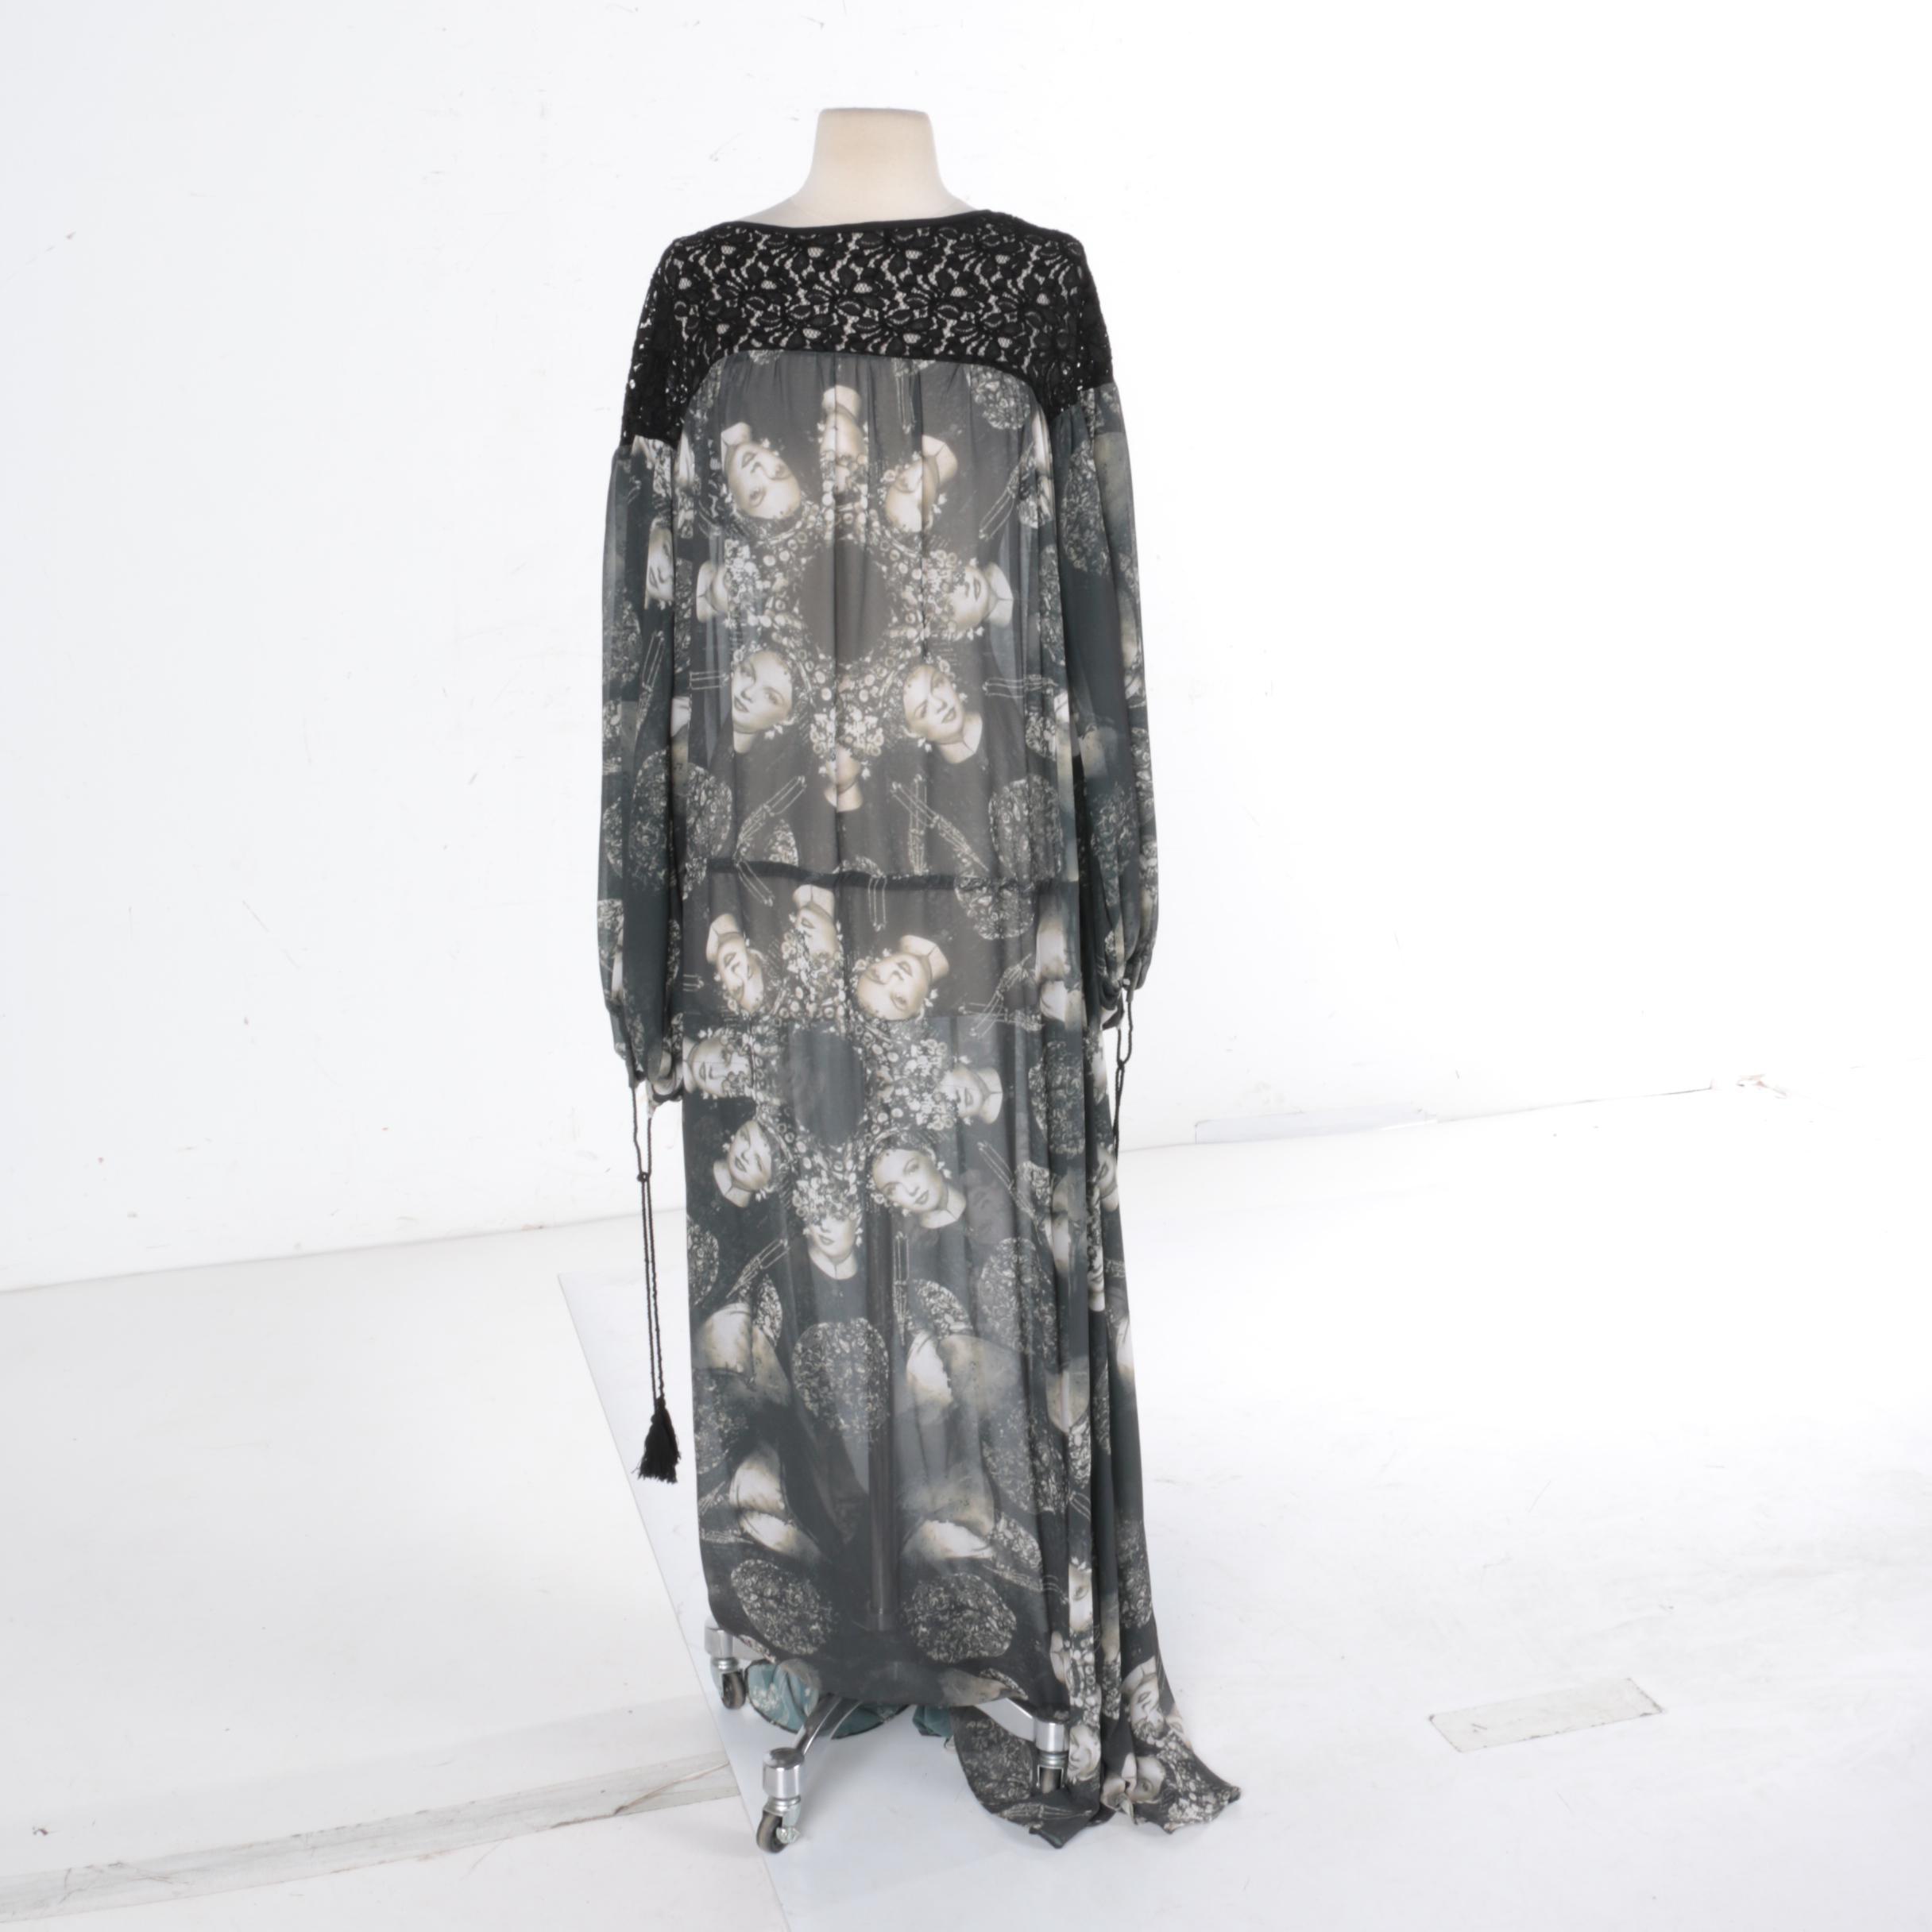 2016 Trelise Cooper Sample Billowing Bitter Silk Chiffon Dress